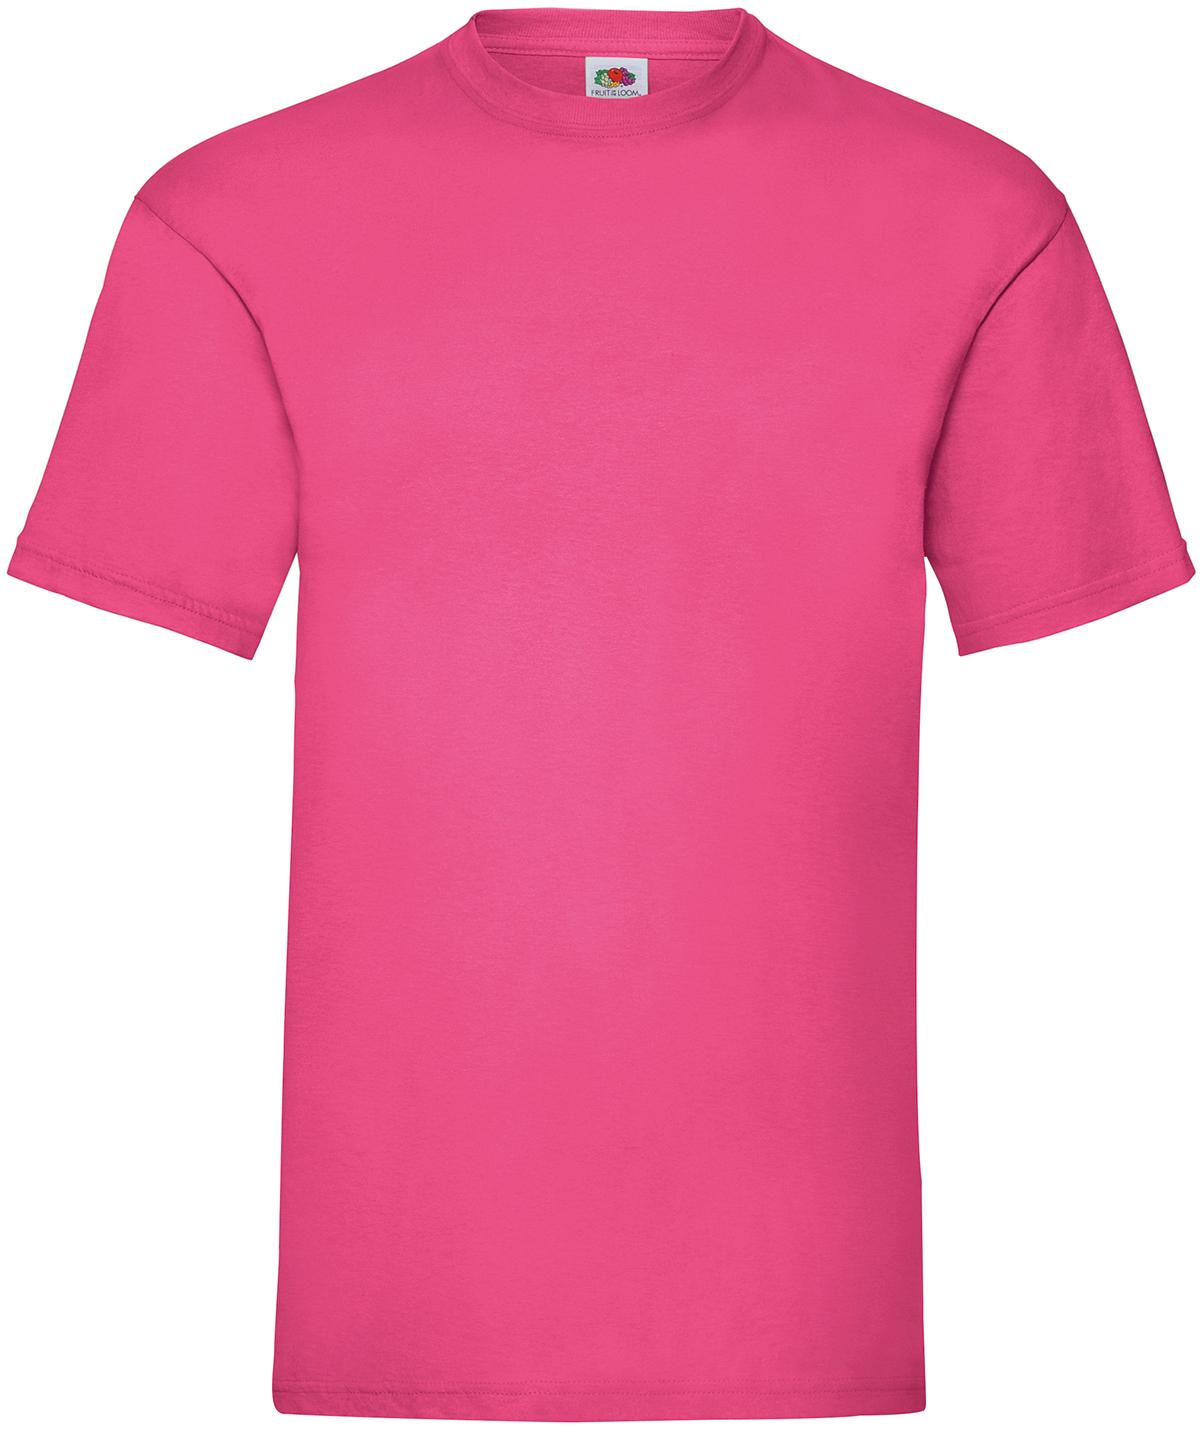 Indexbild 15 - Fruit of the Loom UNISEX T-Shirt Bestseller Top Angebot Herren Damen NEU